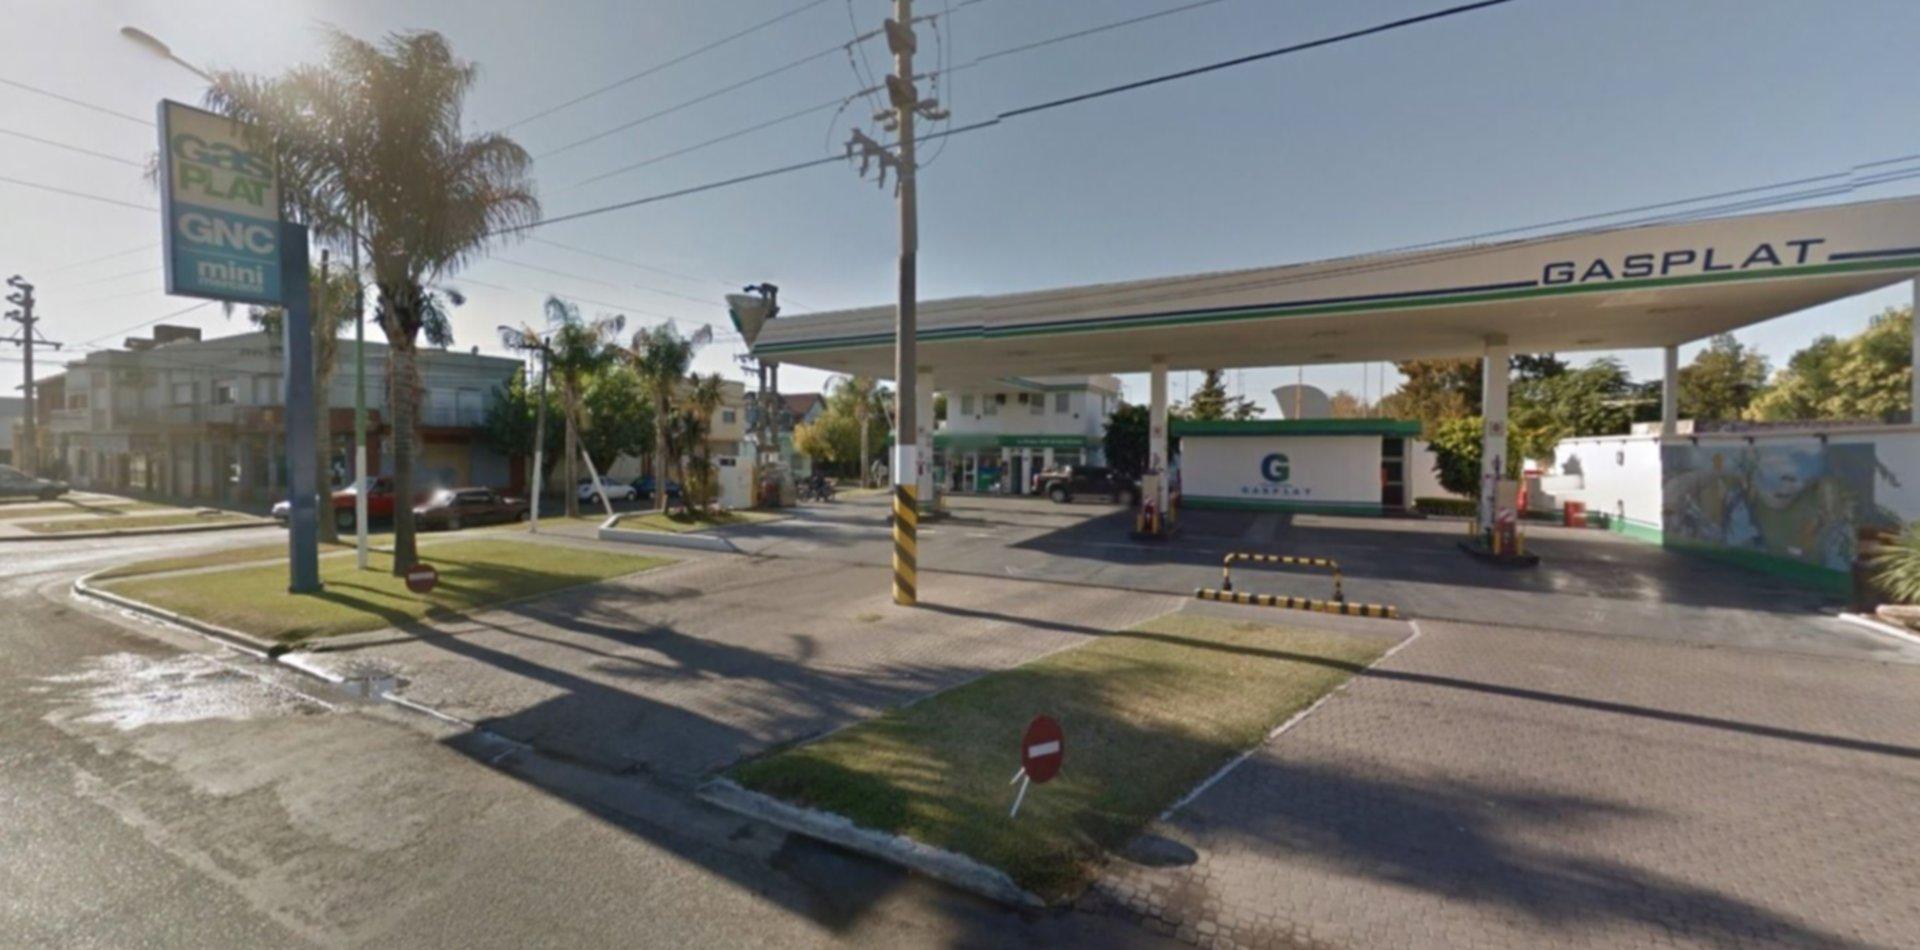 Robó en una estación de servicio de Los Hornos y cayó por rastreo satelital en San Carlos